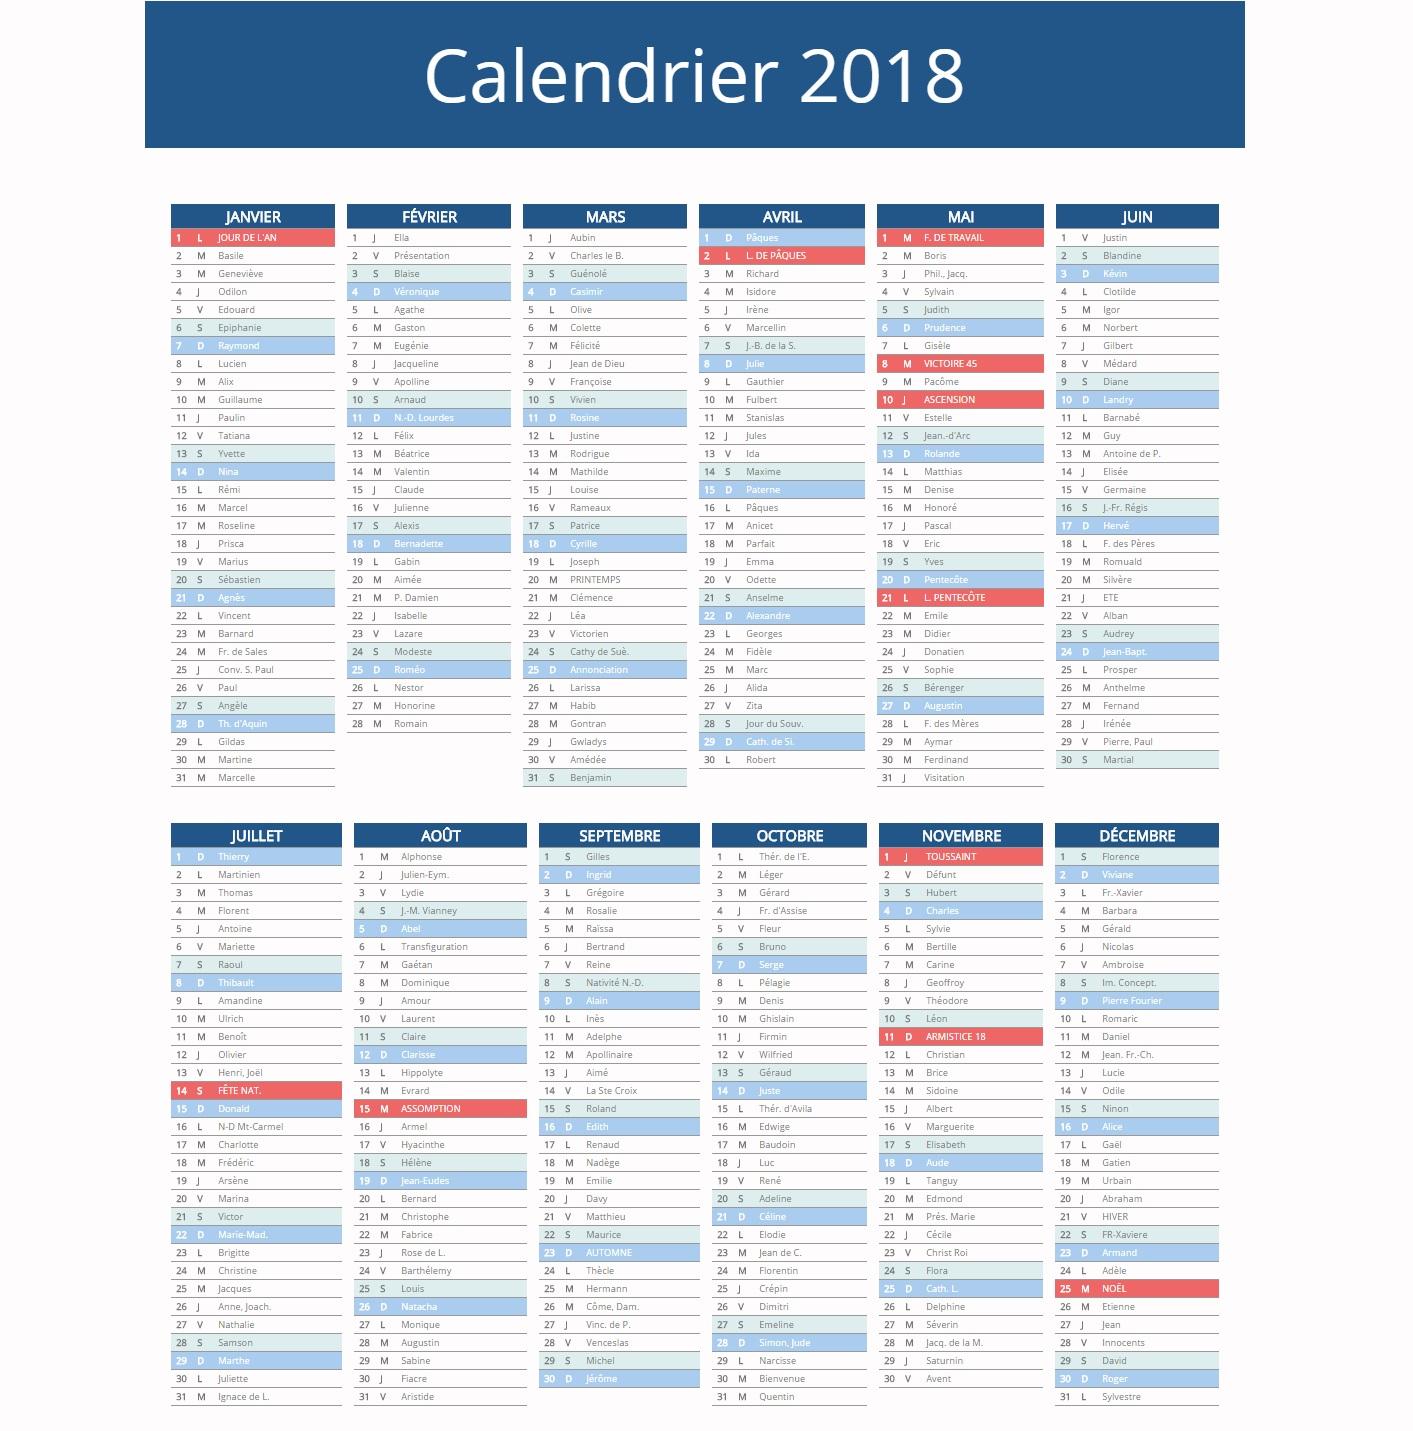 Calendrier 2018 ↠○ Vacances Scolaires & Jours Fériés 2018 avec Calendrier 2019 Avec Jours Fériés Vacances Scolaires